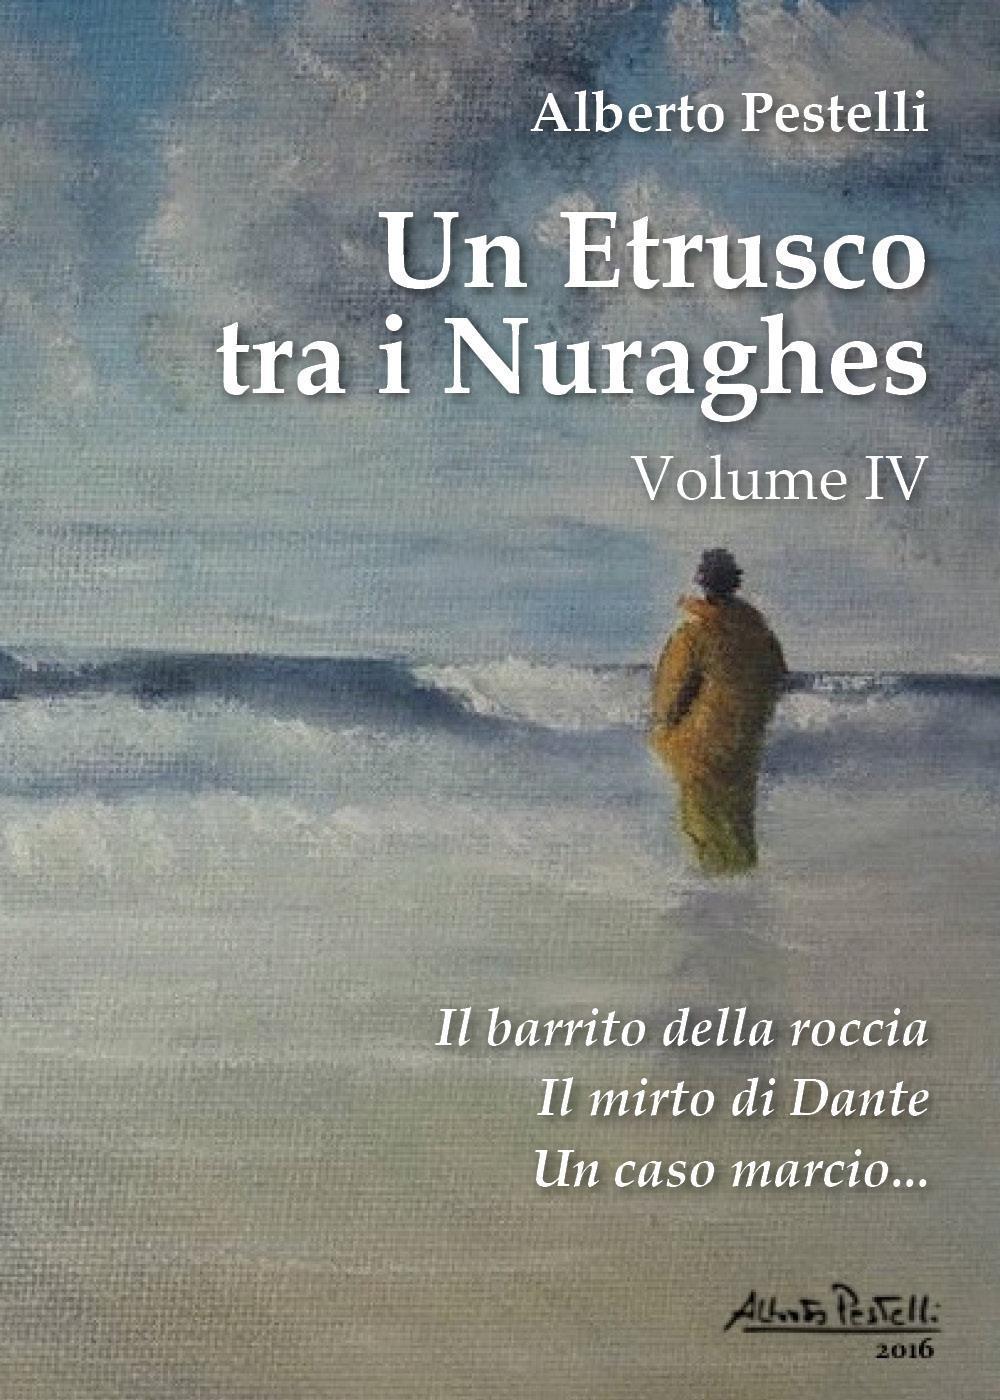 Un Etrusco tra i Nuraghes volume IV